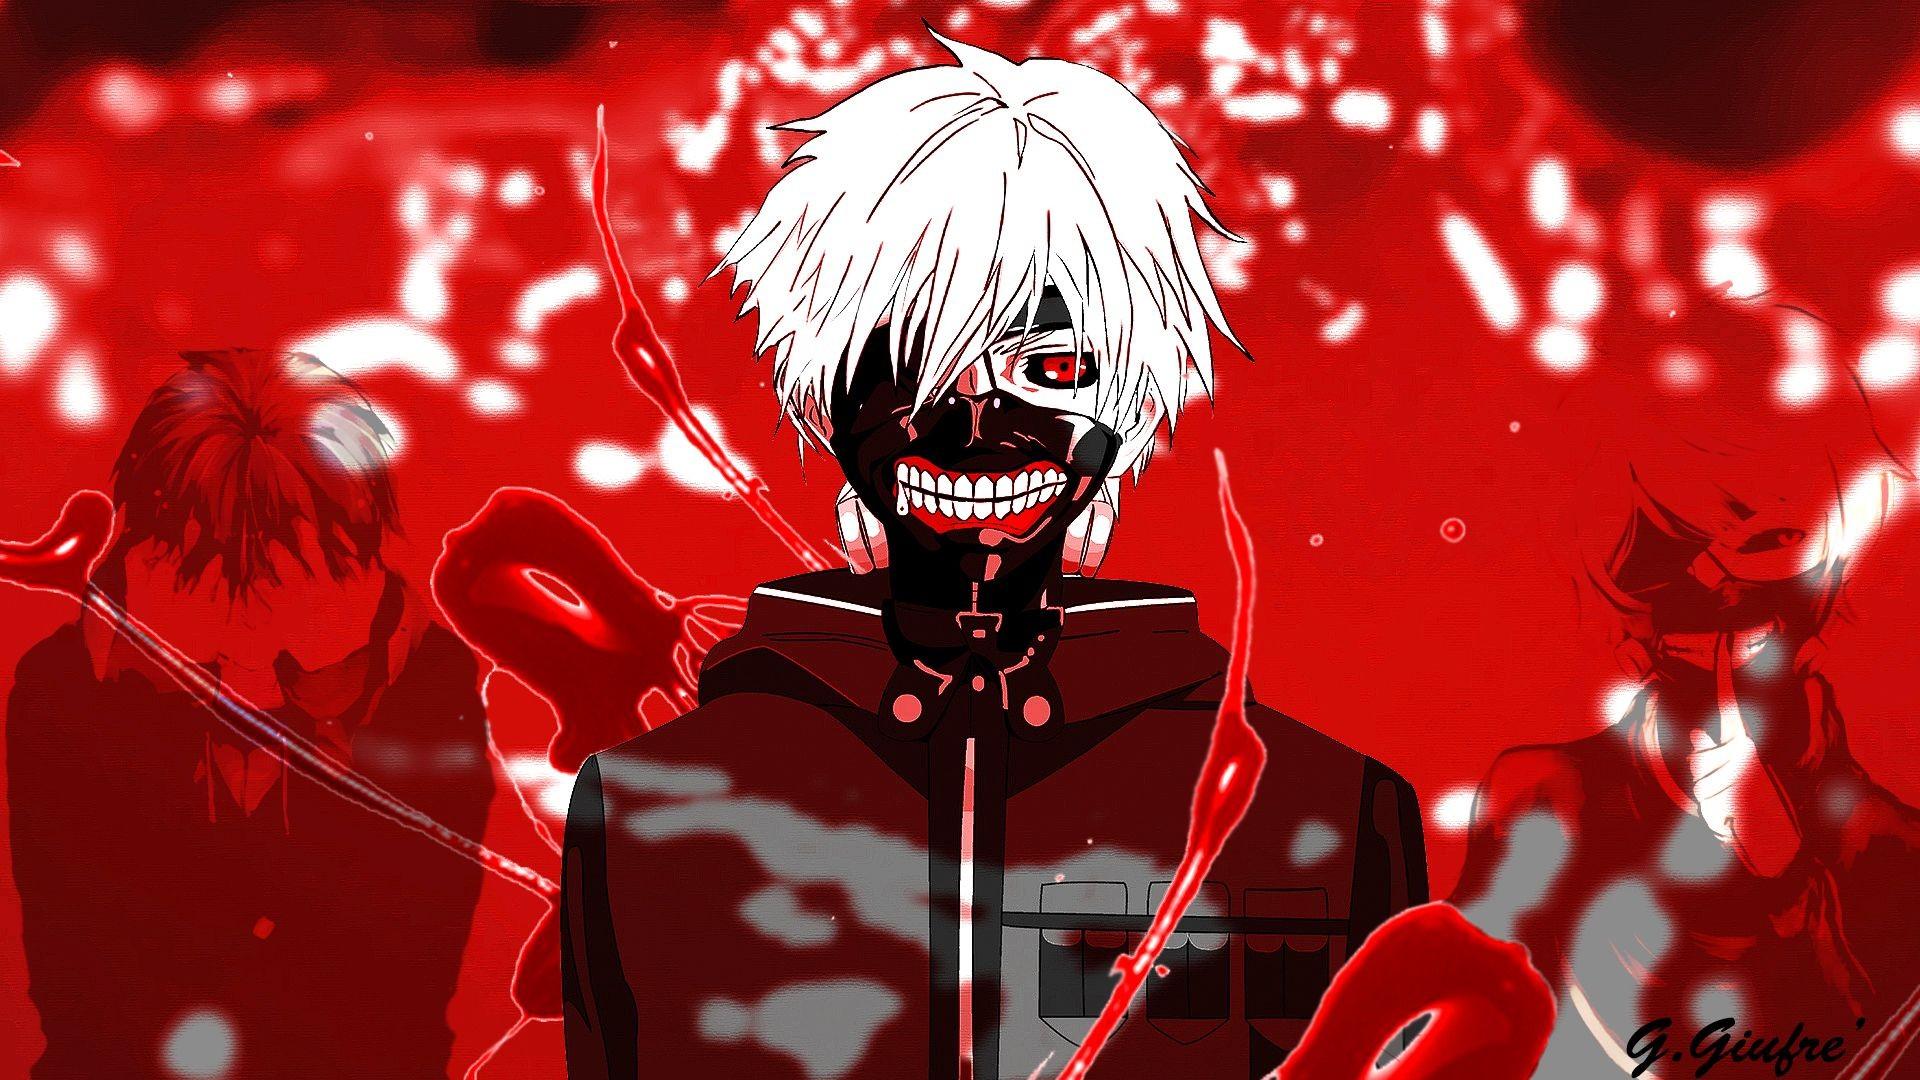 Sfondi Illustrazione Anime Rosso Kaneki Ken Tokyo Ghoul Immagine Dello Schermo Sfondo Del Computer 1920x1080 Wallpapermaniac 138900 Sfondi Gratis Wallhere